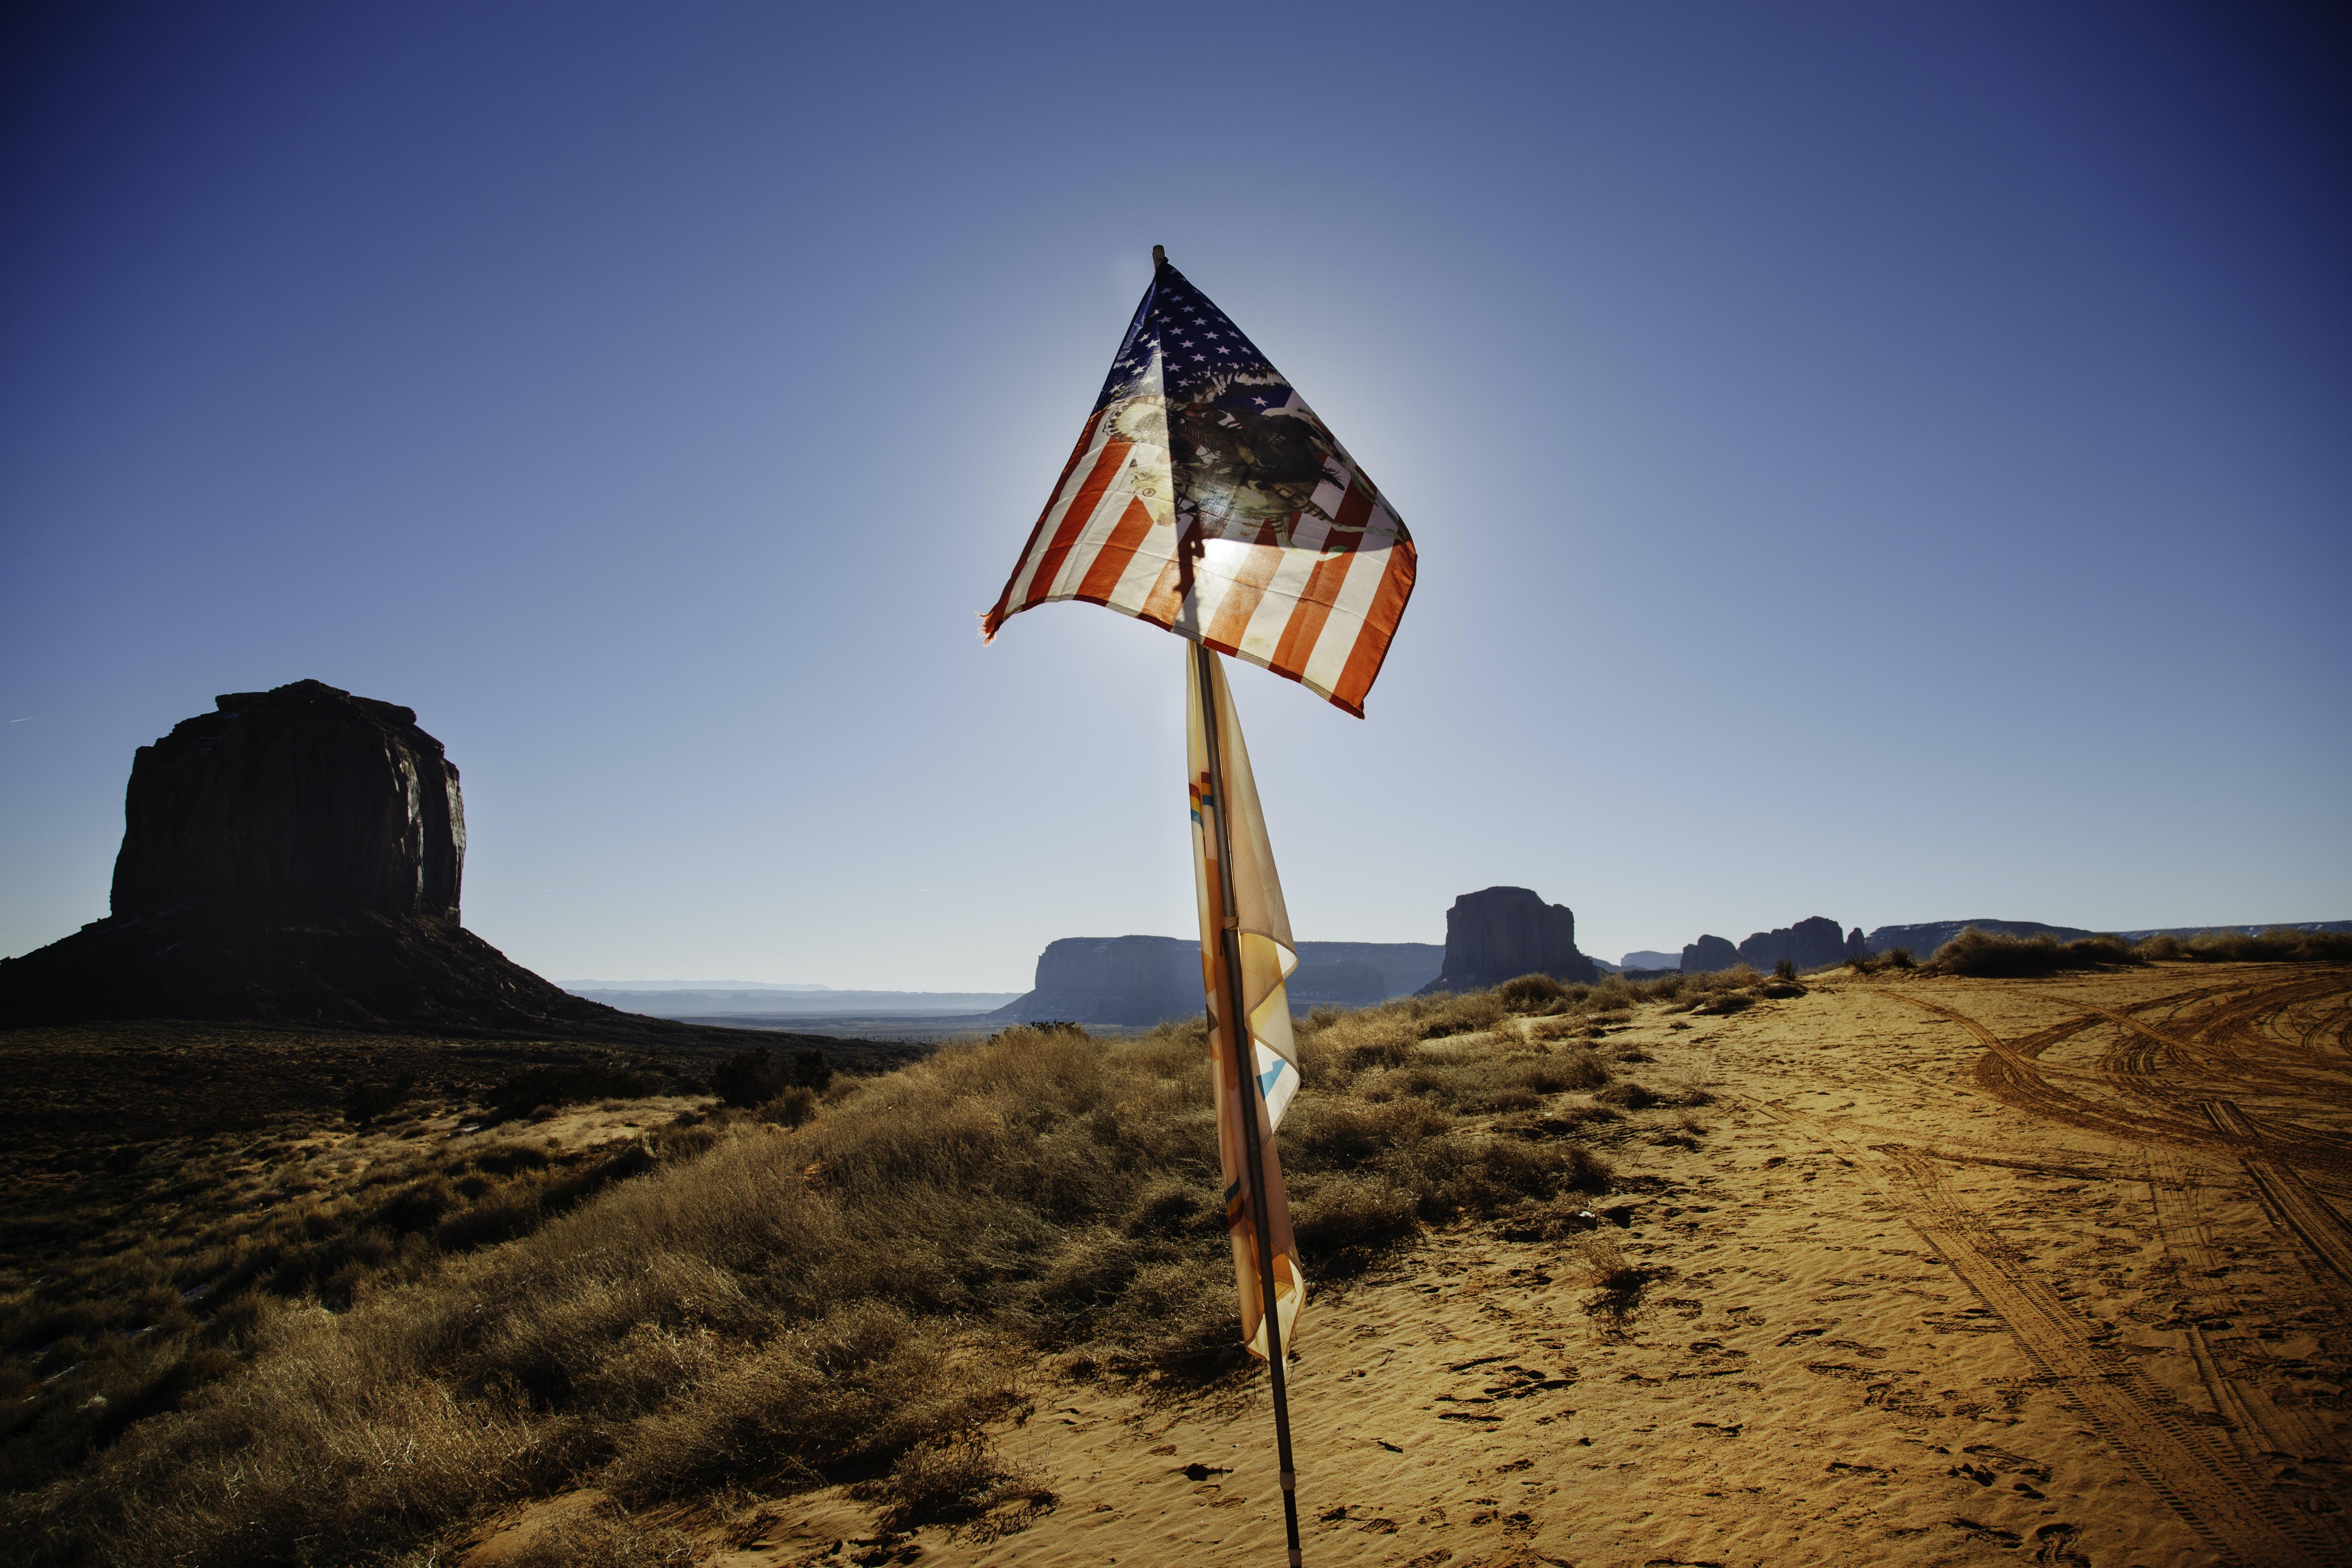 USA flag waving over brown sand